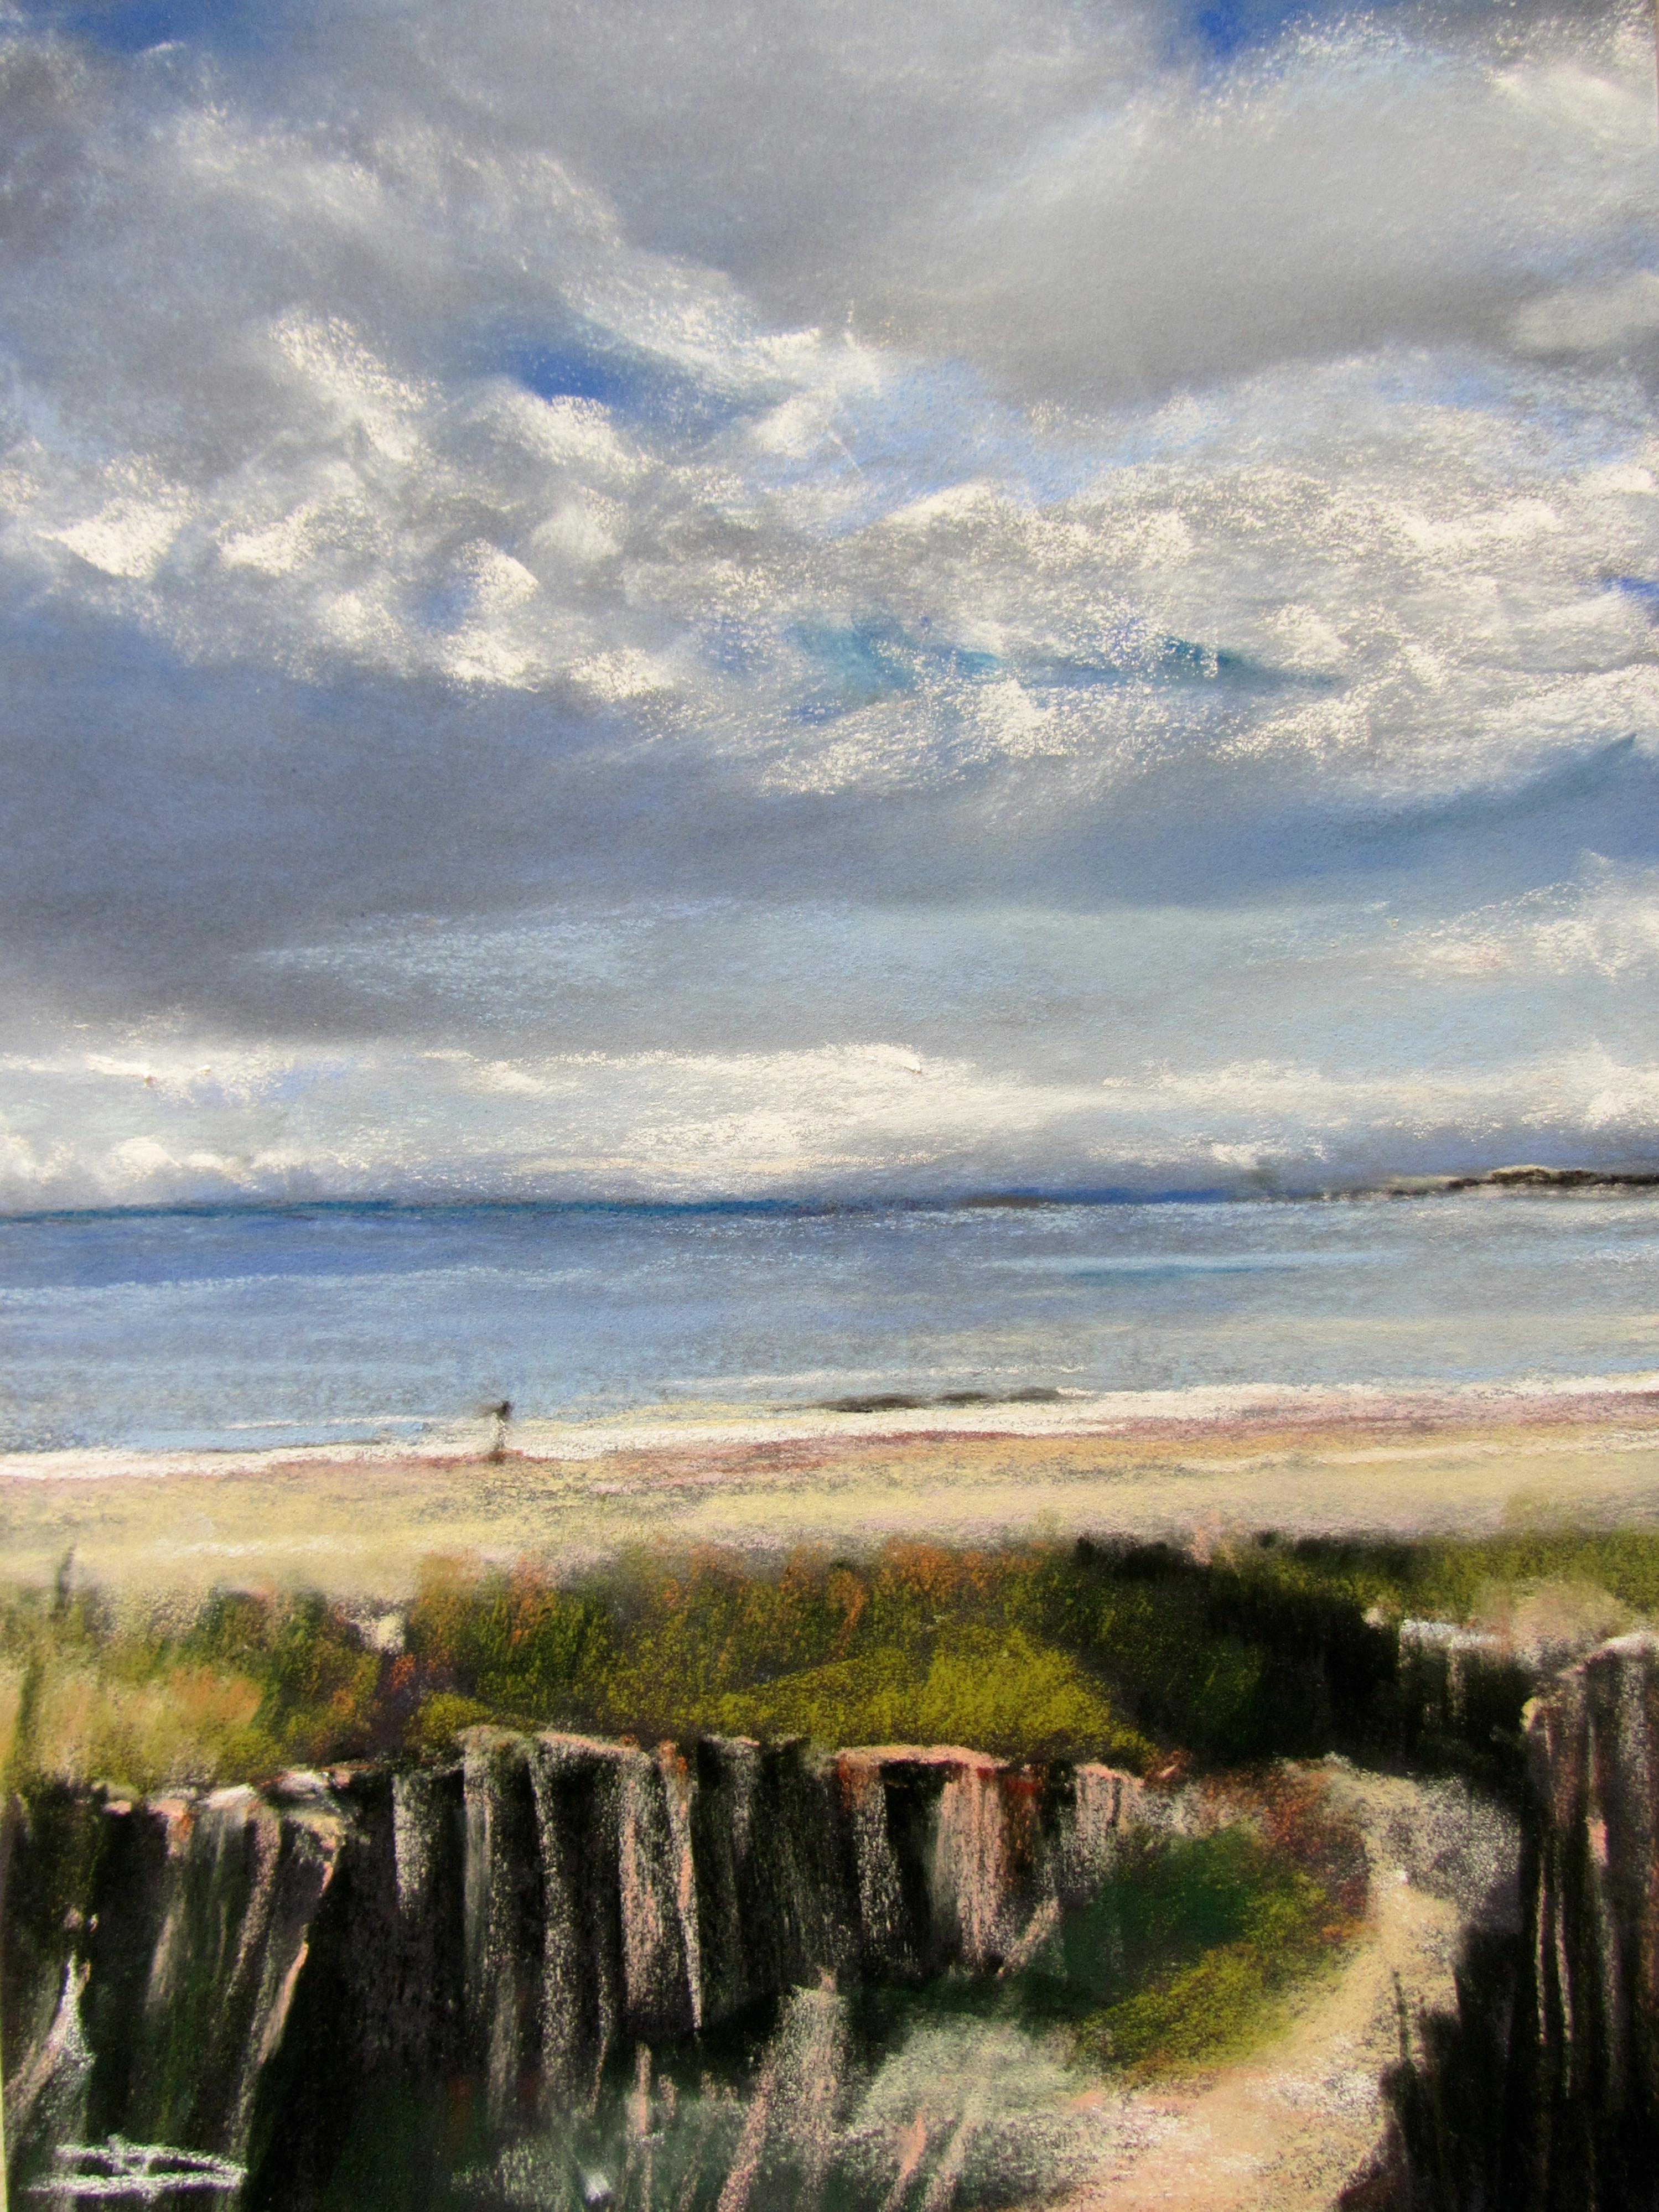 Dunes Saint-Cast Le Guildo - Pastel sec par Isabelle Douzamy - 30x40 cm